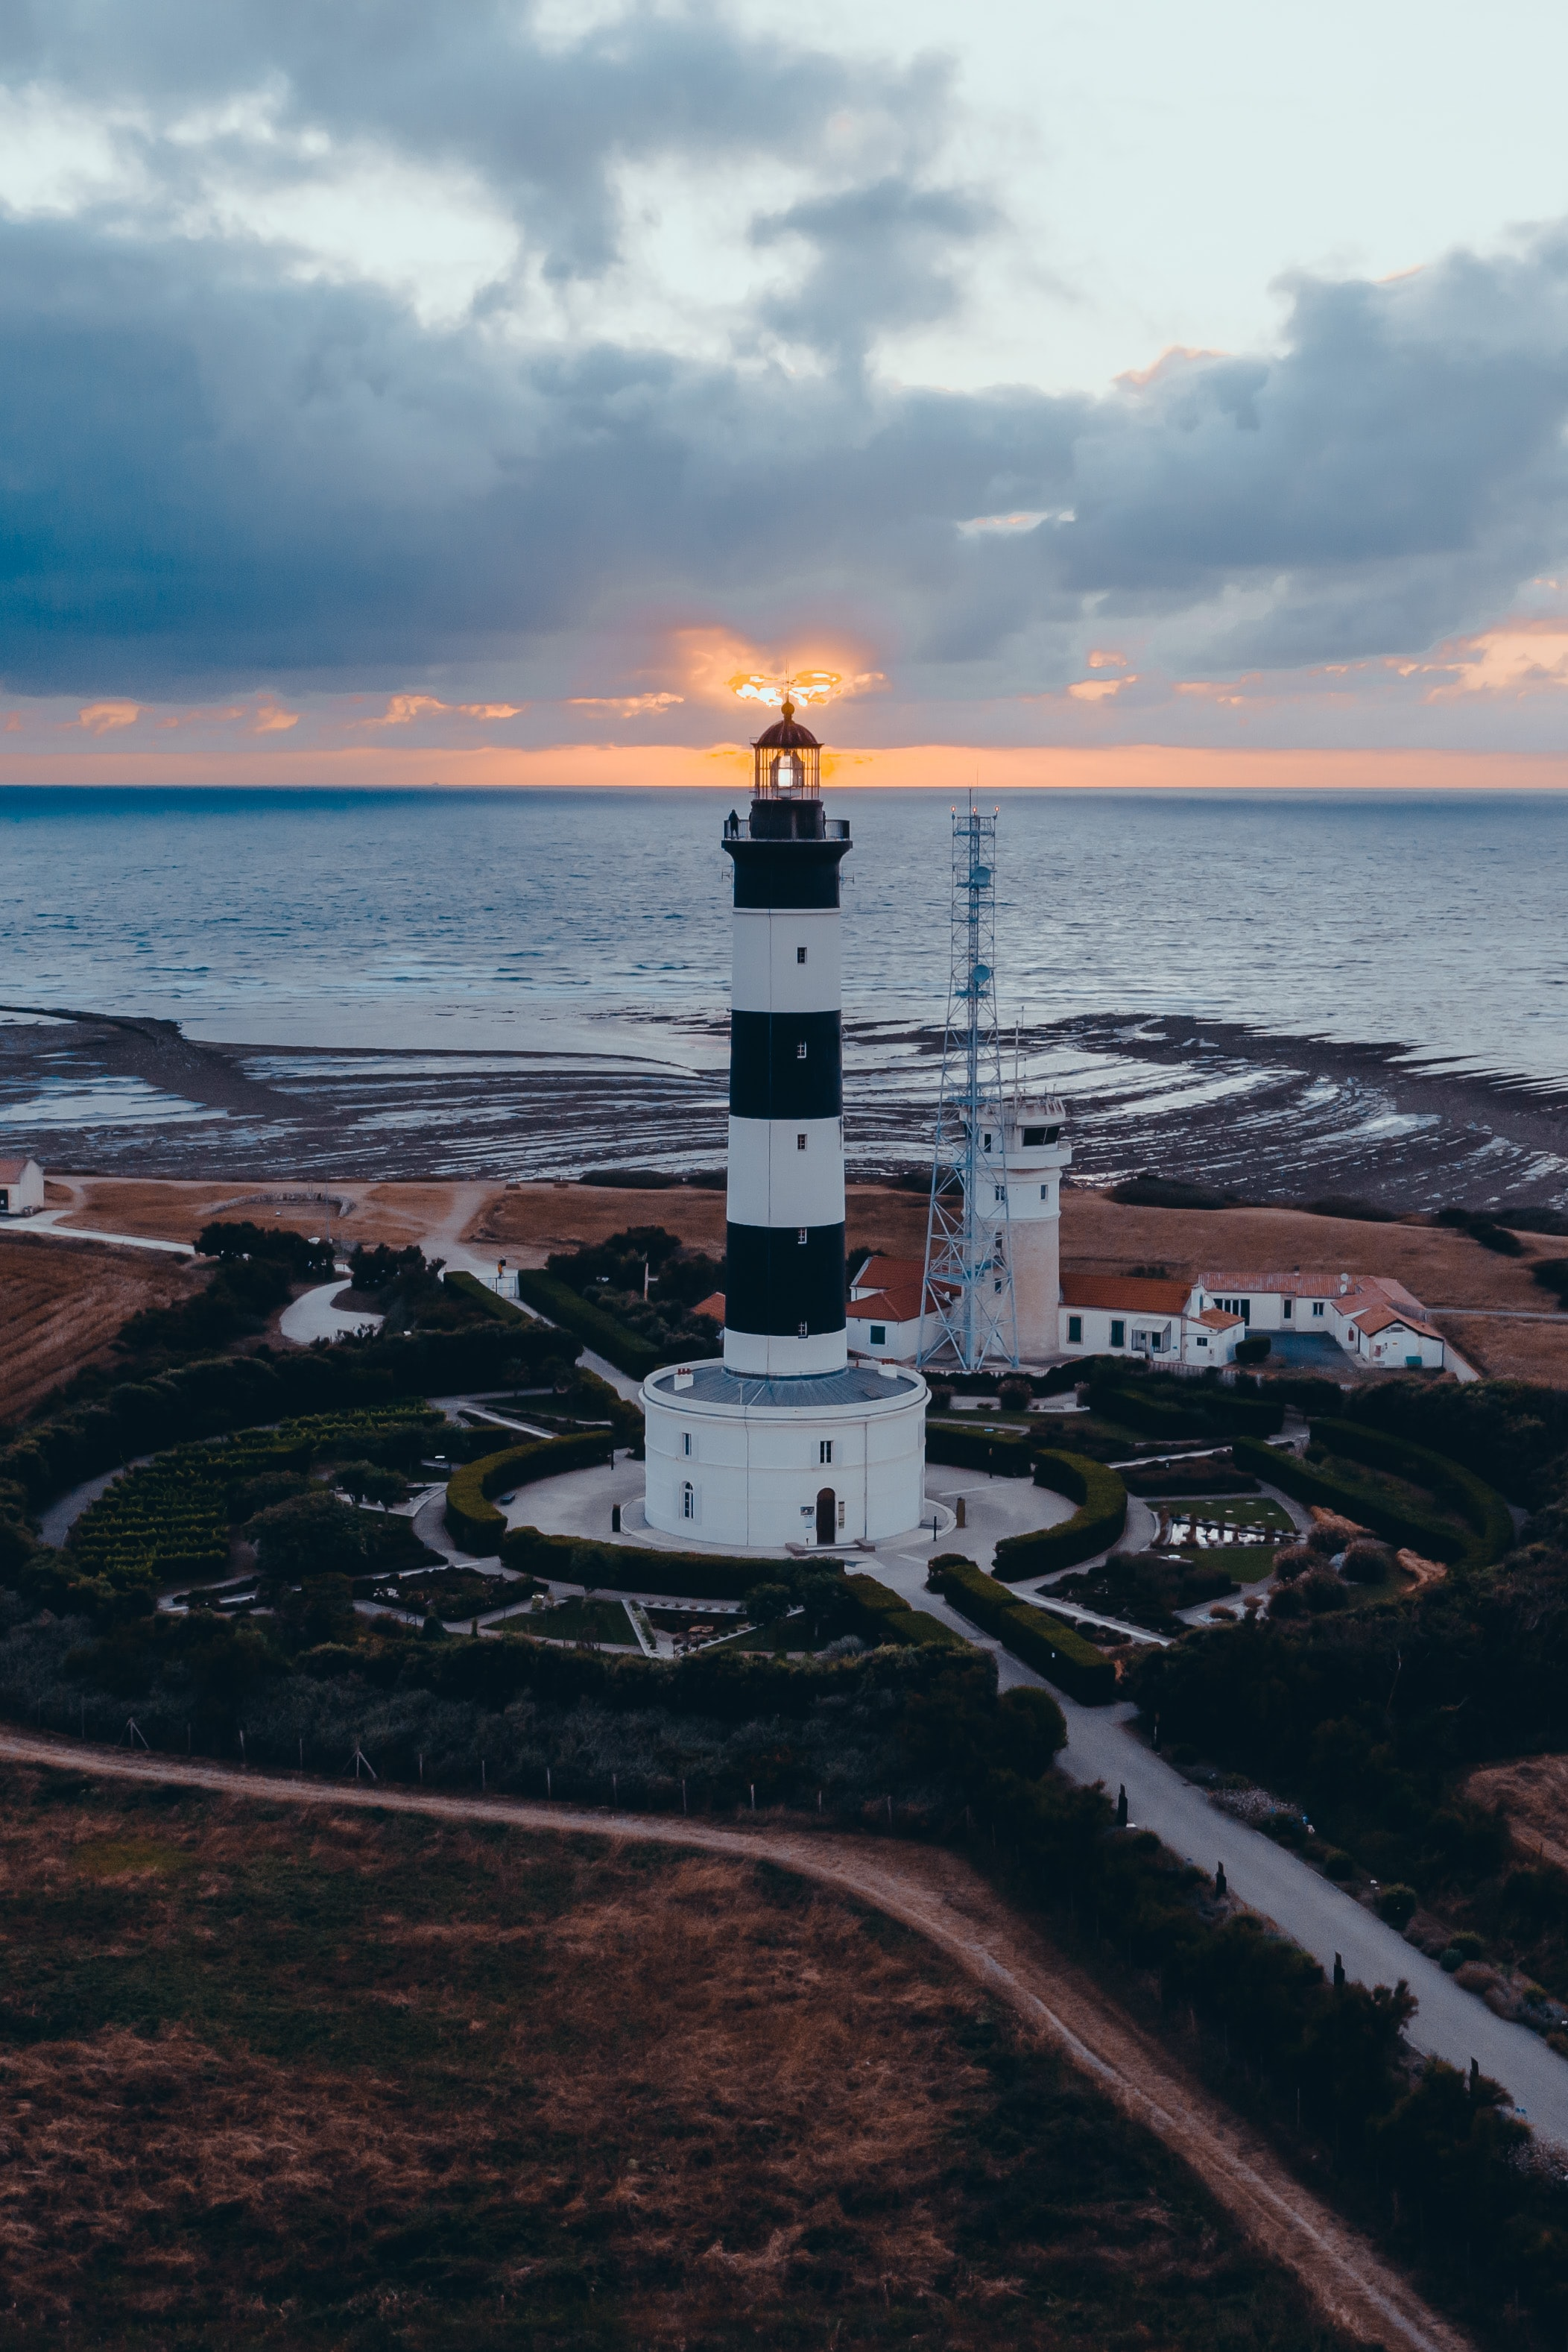 144037壁紙のダウンロード自然, 灯台, 建物, 海, 日没, 地平線-スクリーンセーバーと写真を無料で